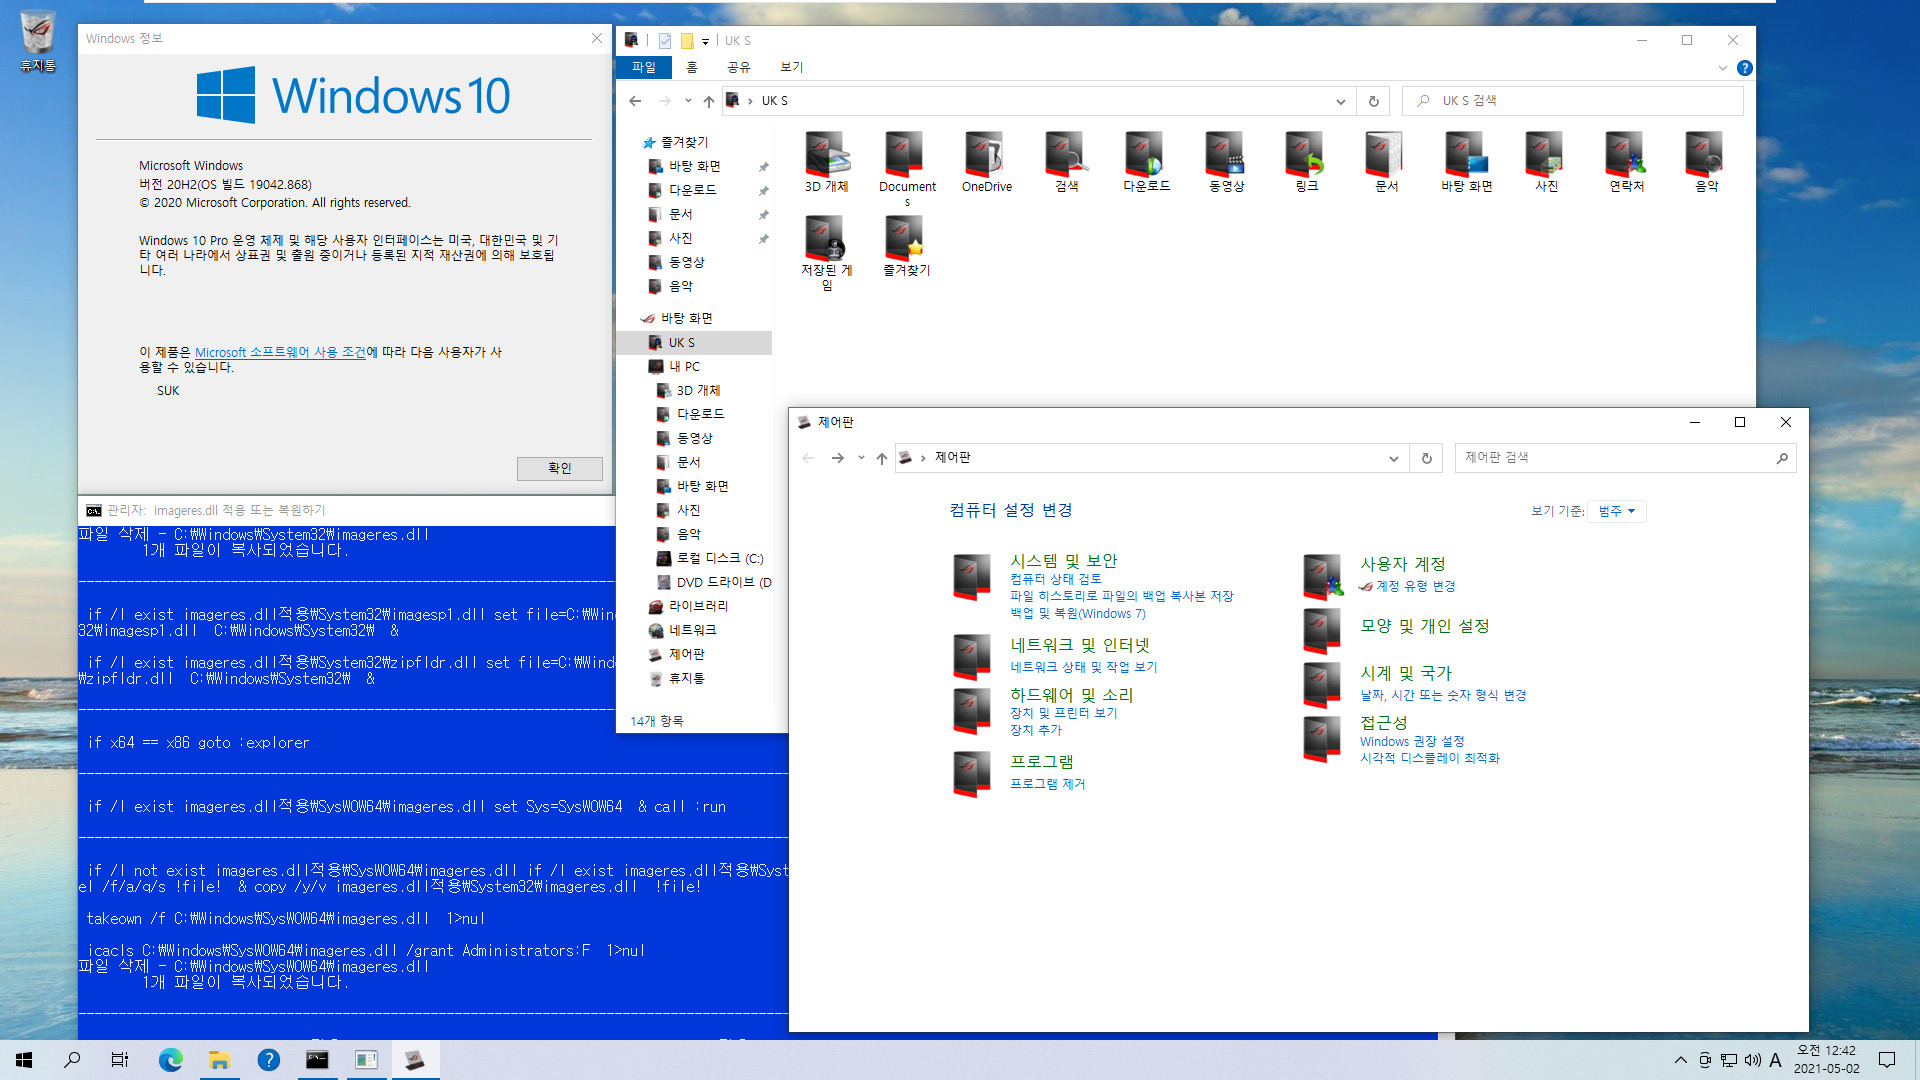 imageres.dll적용 테스트 - Windows 10 ROG EDITION 2020 v7 [+ v1809 + Win7 + 제어판 아이콘 변경] 2021-05-02_004252.jpg